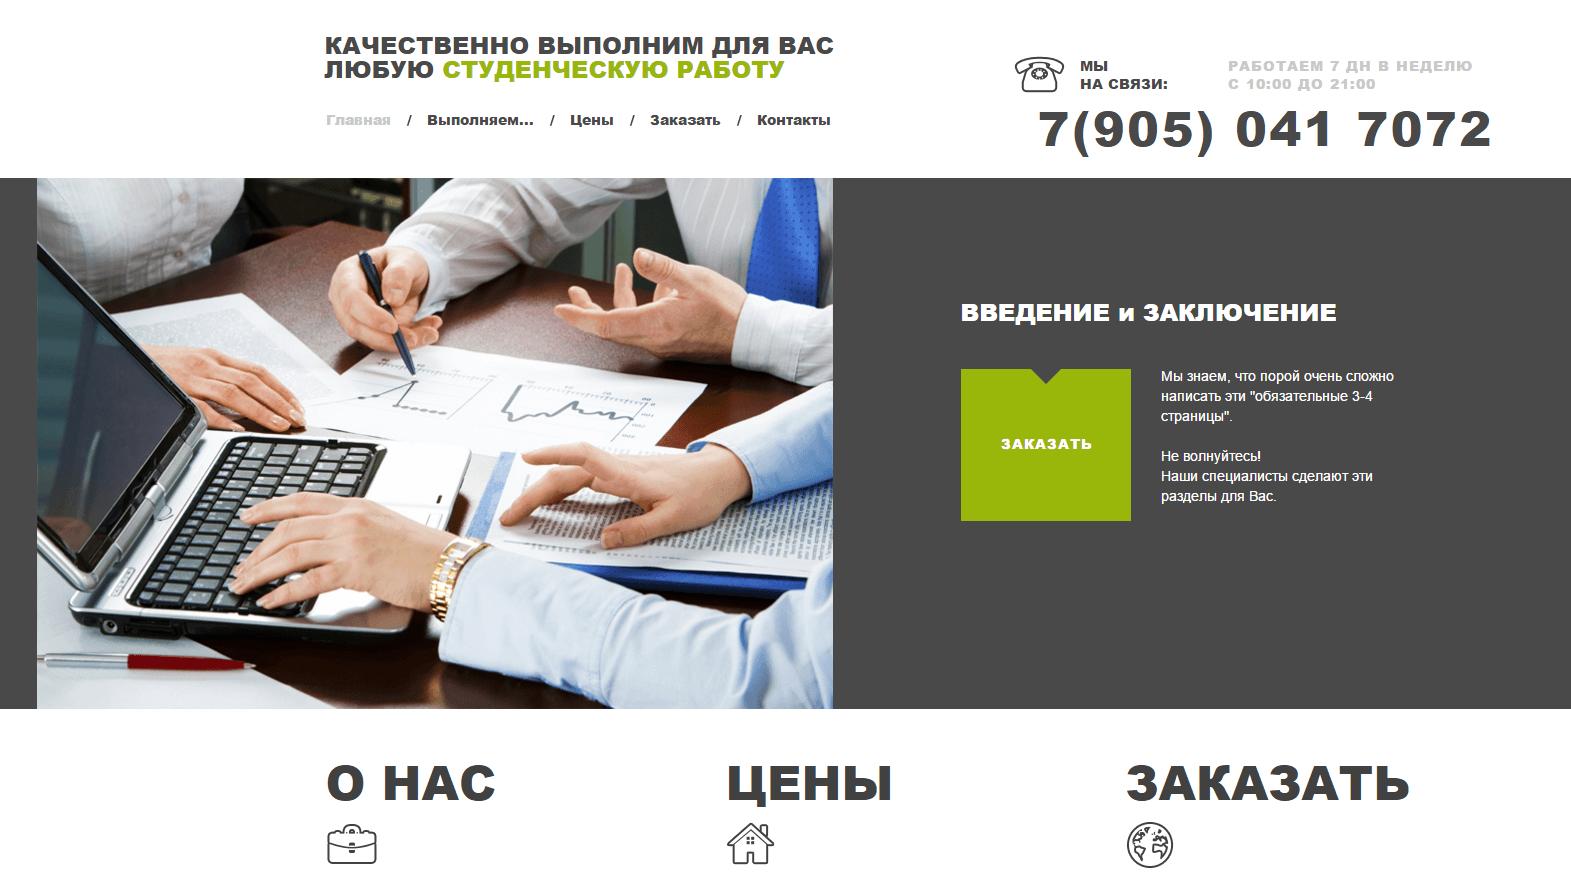 Отзывы о компании ТЭО и БЖД ru Отзывы о компании ТЭО и БЖД